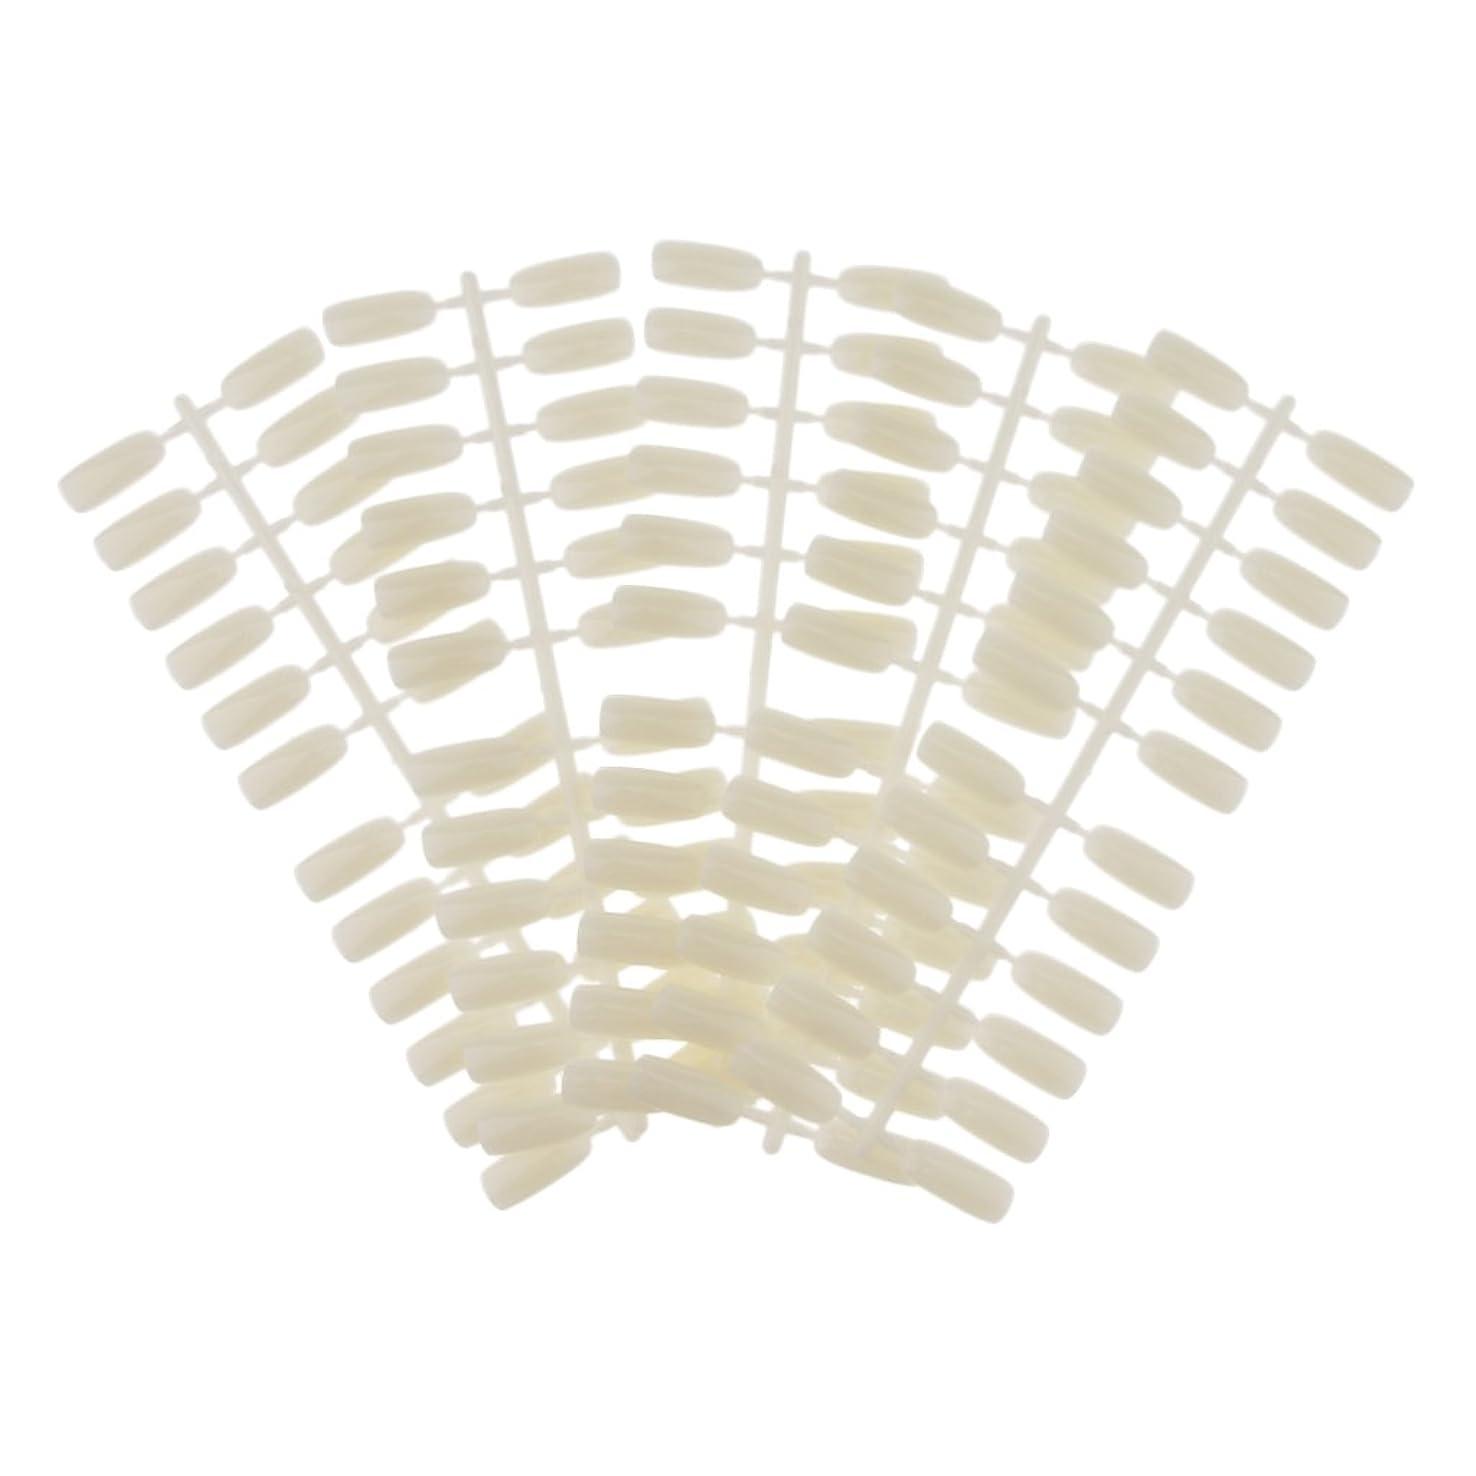 免疫宮殿叫ぶHomyl ネイルアート ネイルカラーカード ネイルカラーディスプレイ ネイルチップ付き DIY 120カラースロット ネイルチップ付き 2タイプ選べる - #1